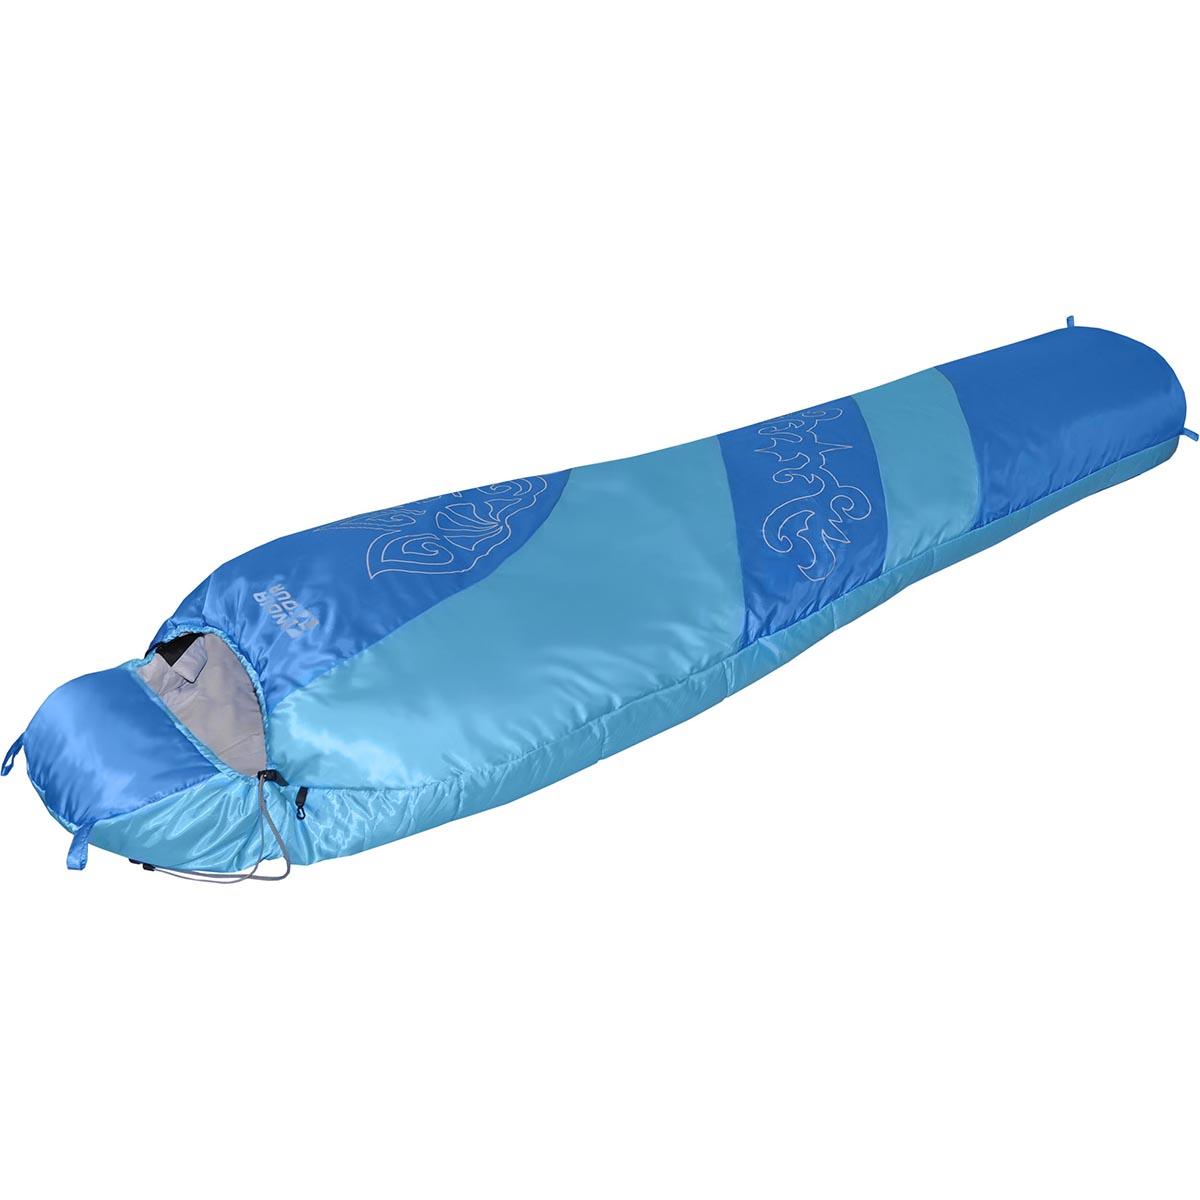 Мешок NOVA TOUR Сахалин 0 V2, цвет: голубой, синий, белый, левосторонняя молния95424-426-LeftДемисезонный спальный мешок NOVA TOUR Сахалин 0 V2 имеет конструкцию кокон. Наполнитель выполнен из синтетического наполнителя - холлофайбера. Мешок оснащен утягивающимся капюшоном и двухзамковой утепленной молнией, позволяющей состегнуть левосторонний и правосторонний спальные мешки в один двойной. Компрессионный чехол в комплекте.Компрессионный чехол в комплекте.Длина мешка: 220 см.